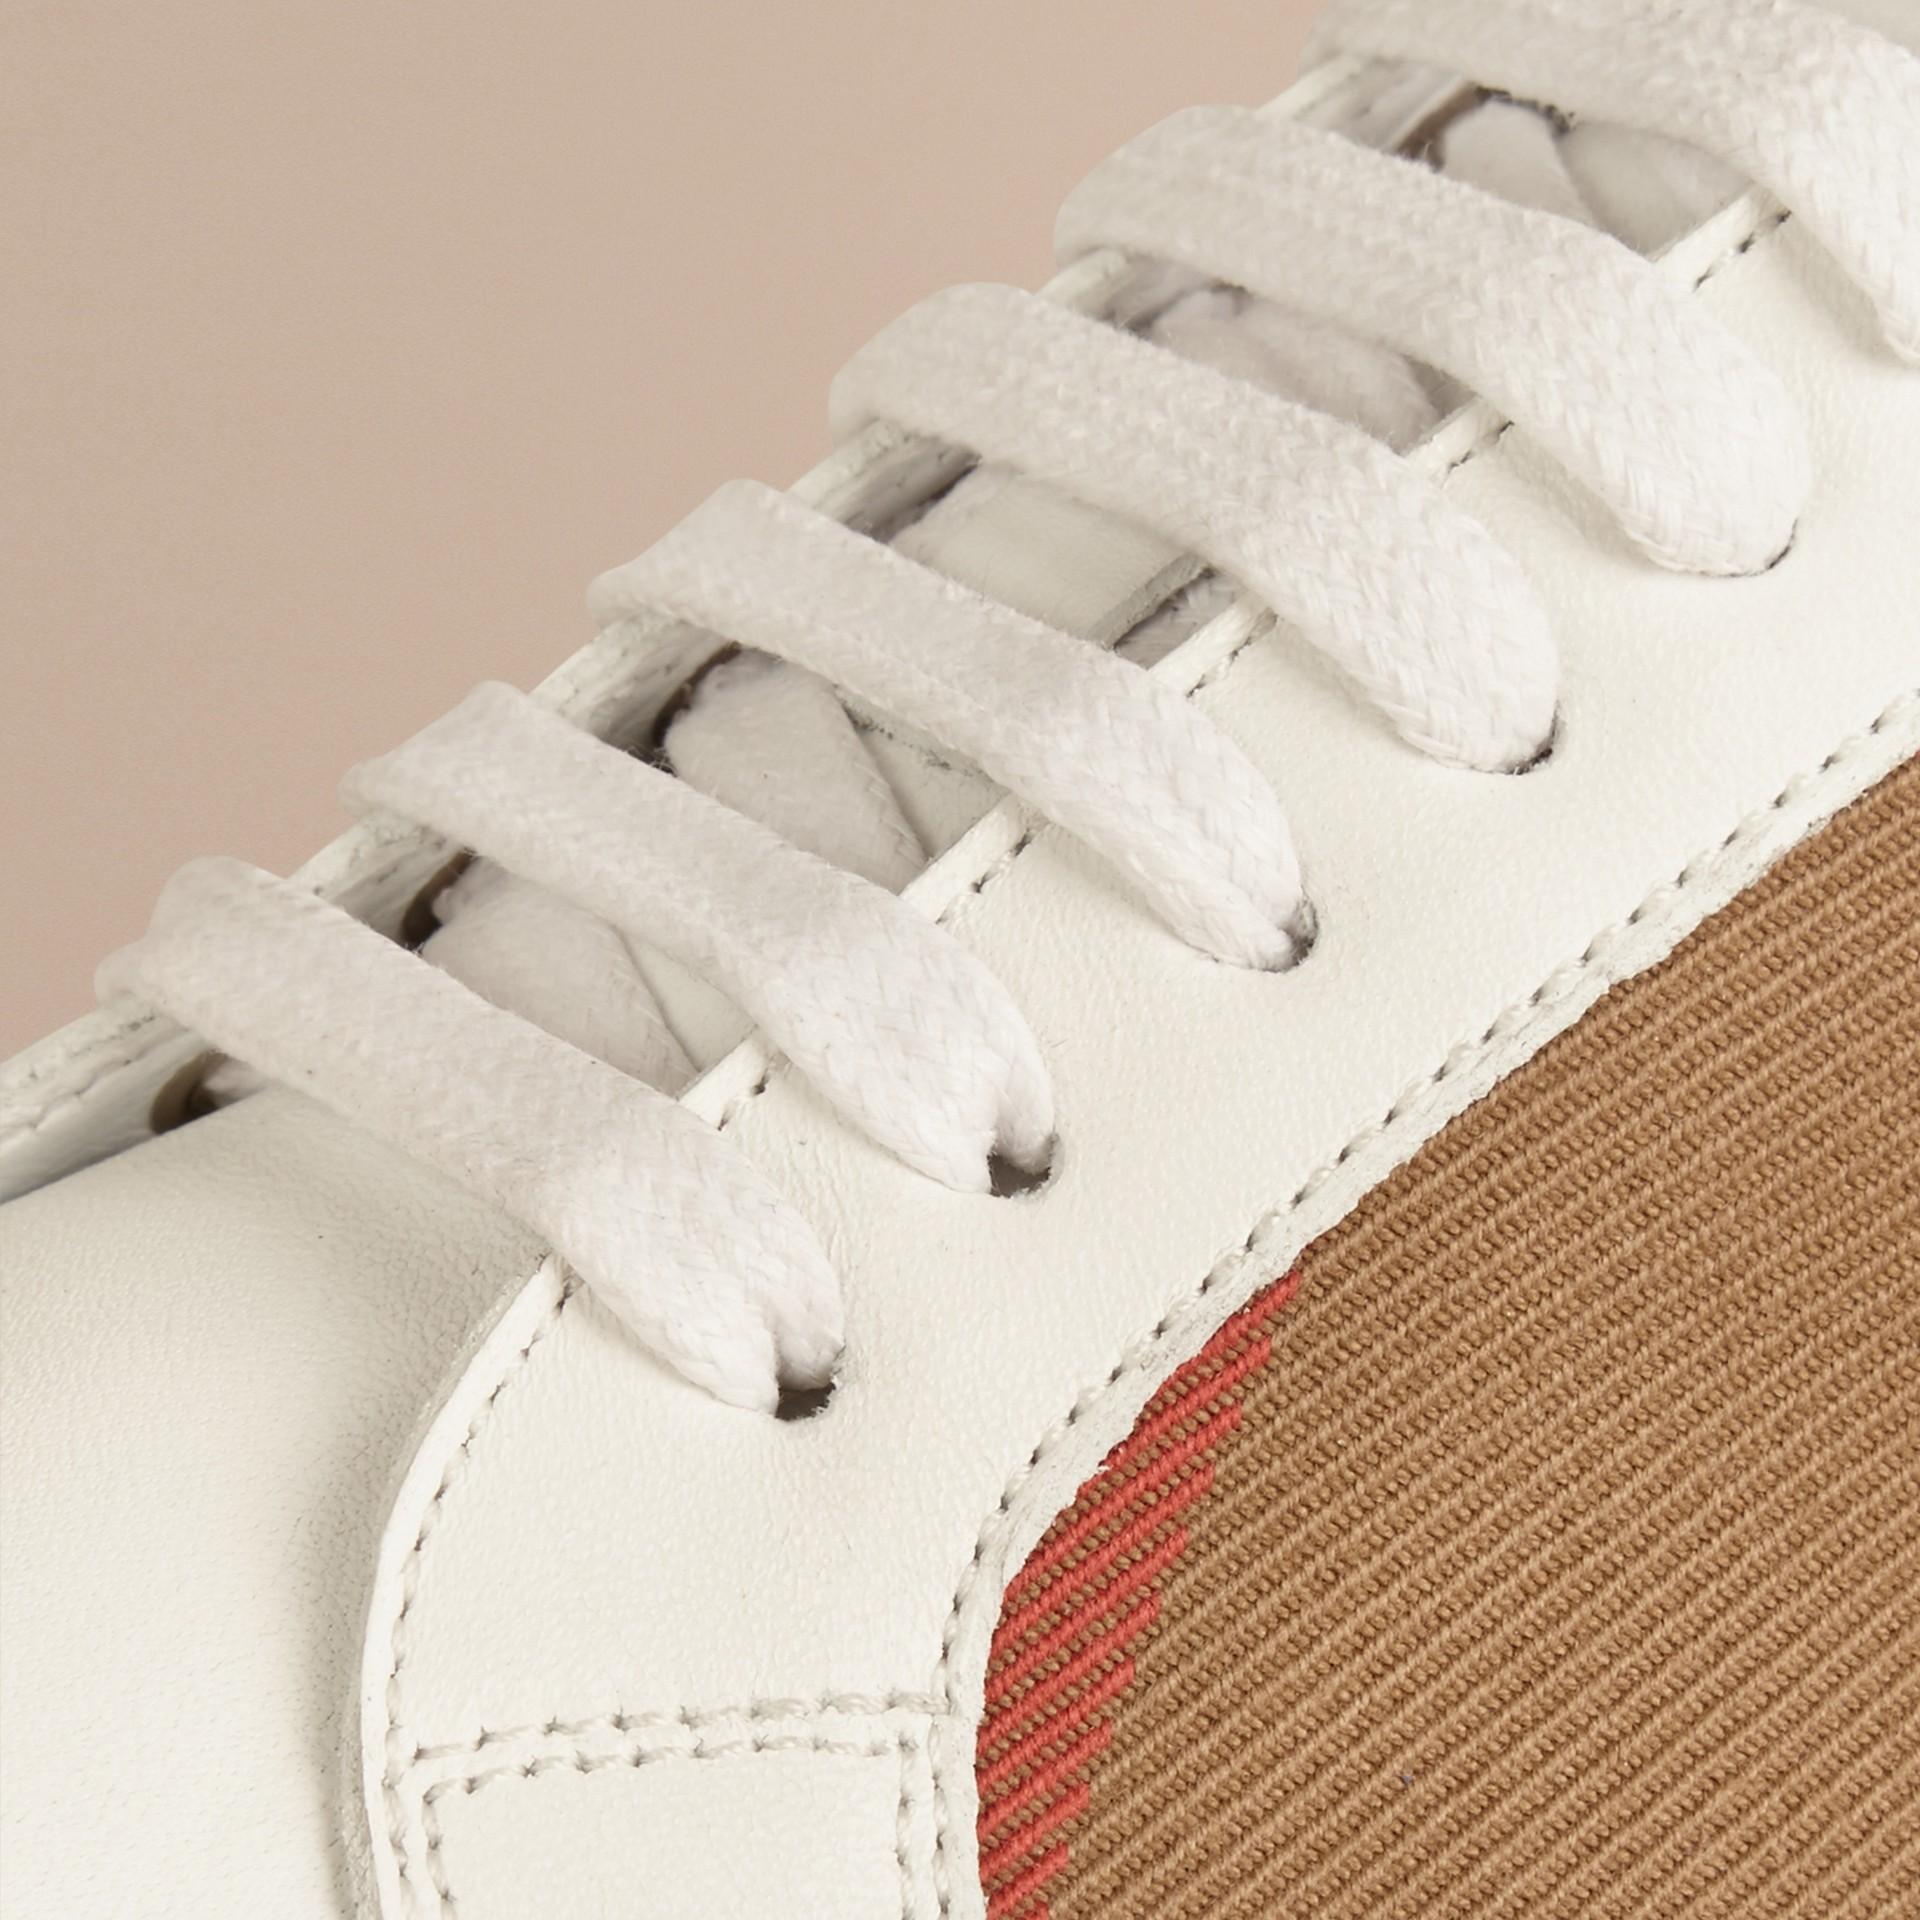 House check/bianco ottico Sneaker in pelle con dettagli check - immagine della galleria 2